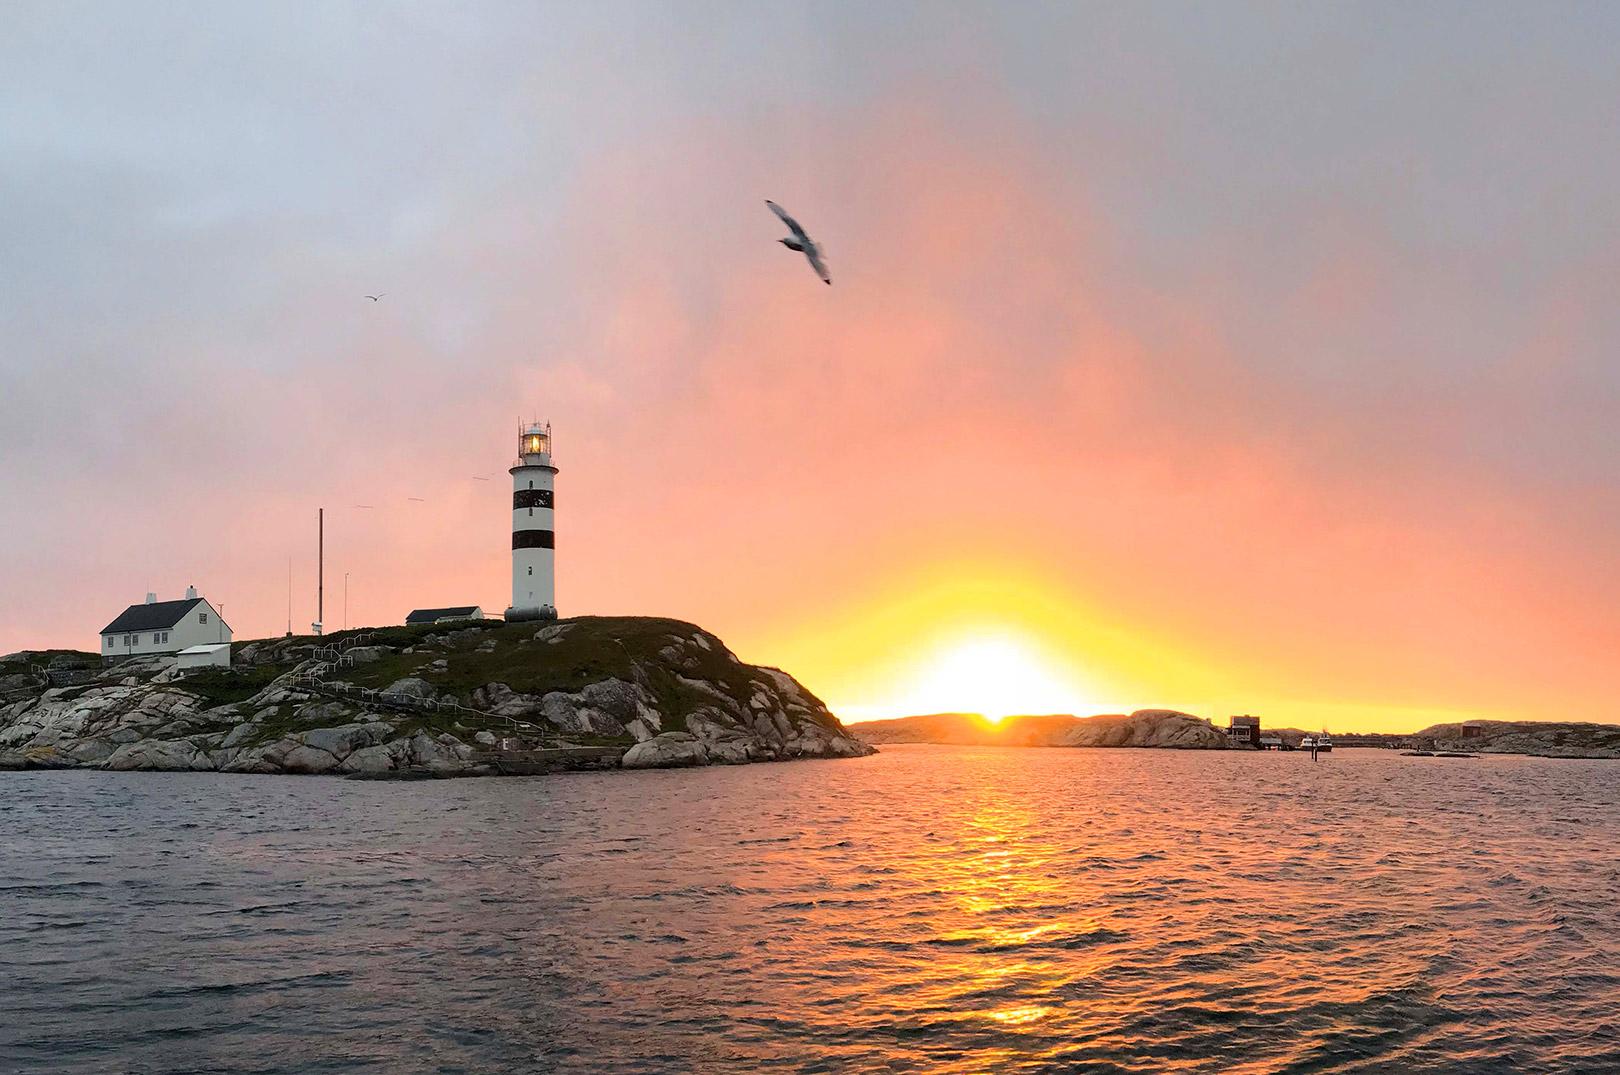 Solopgang over havet i Norge